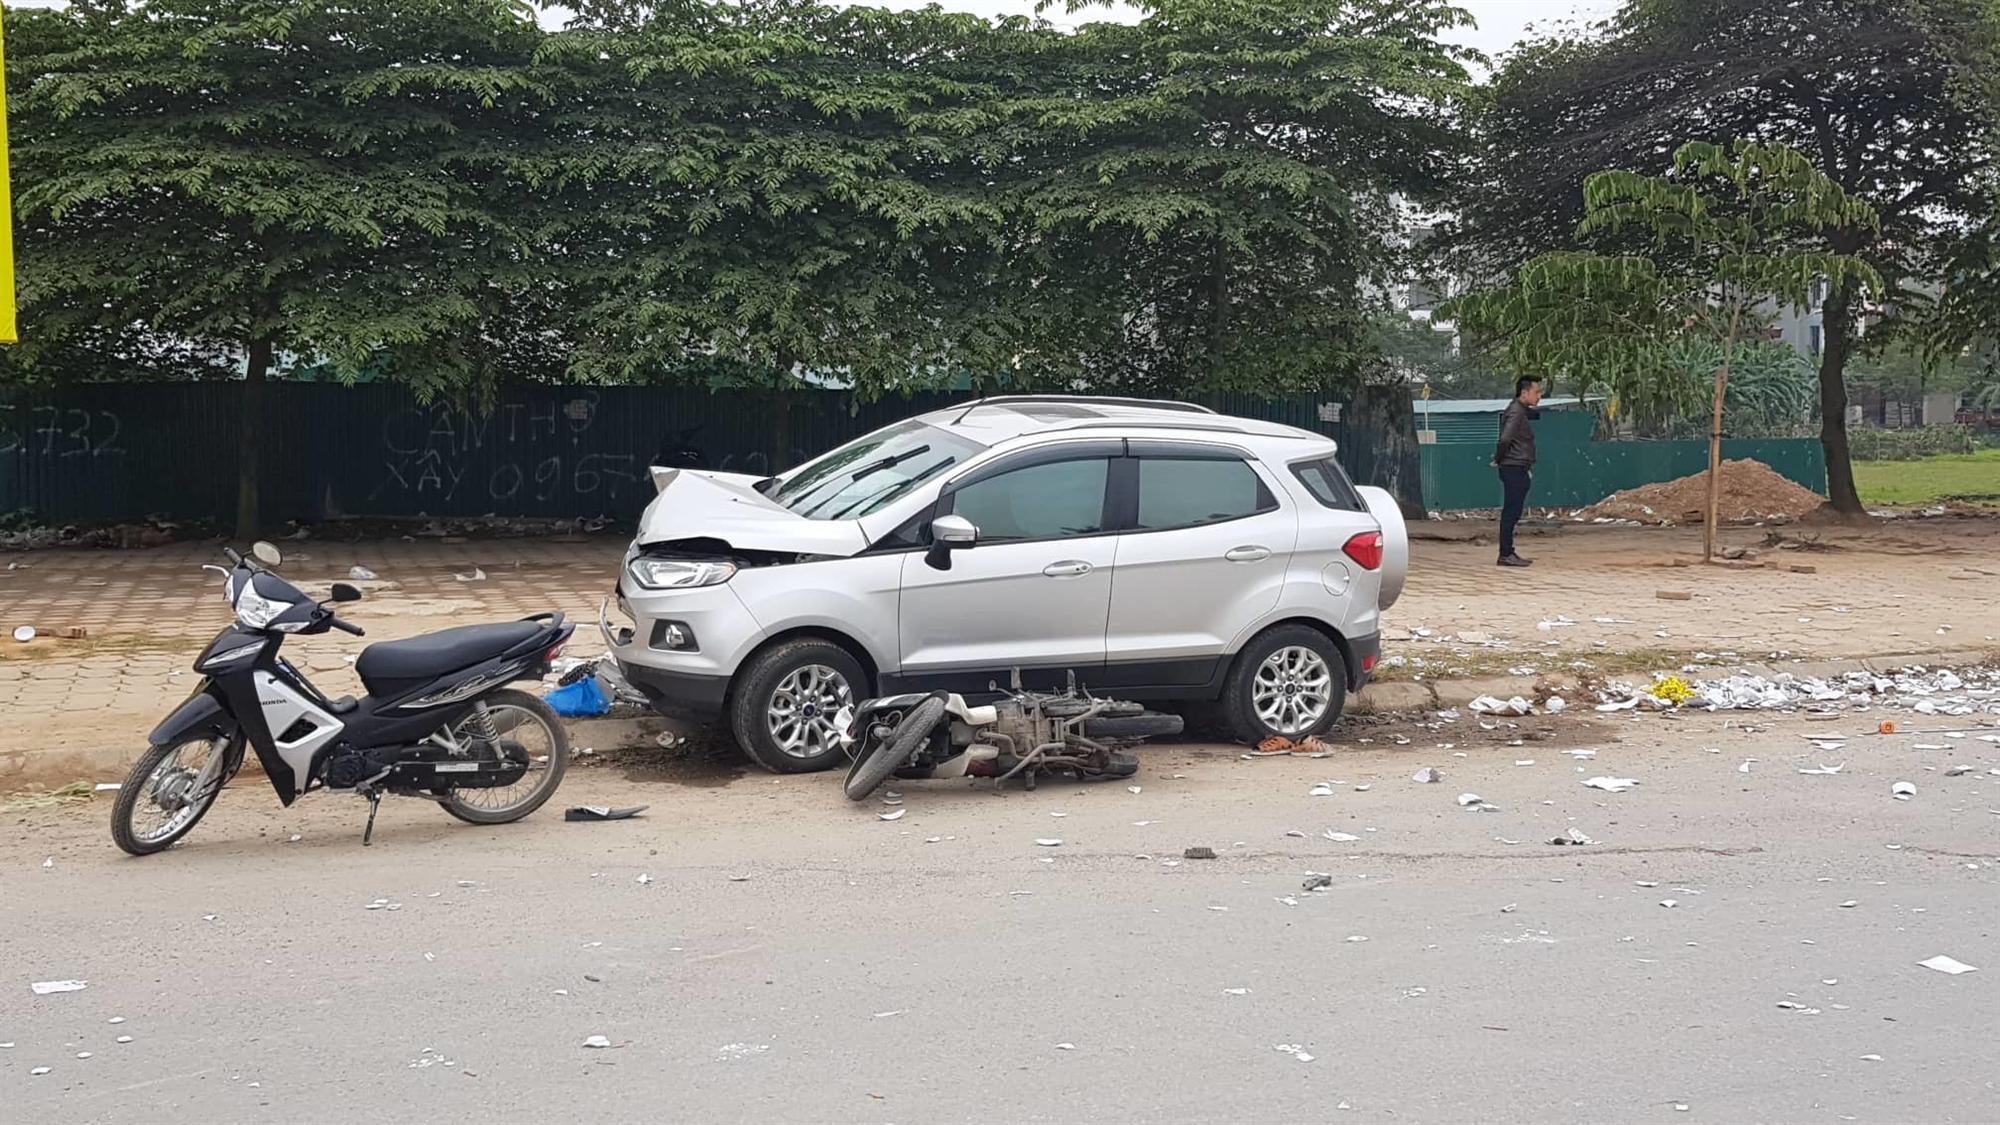 Hà Nội: Ô tô tông liên hoàn, 2 vợ chồng chết thảm trên đường đi ăn cỗ về-1